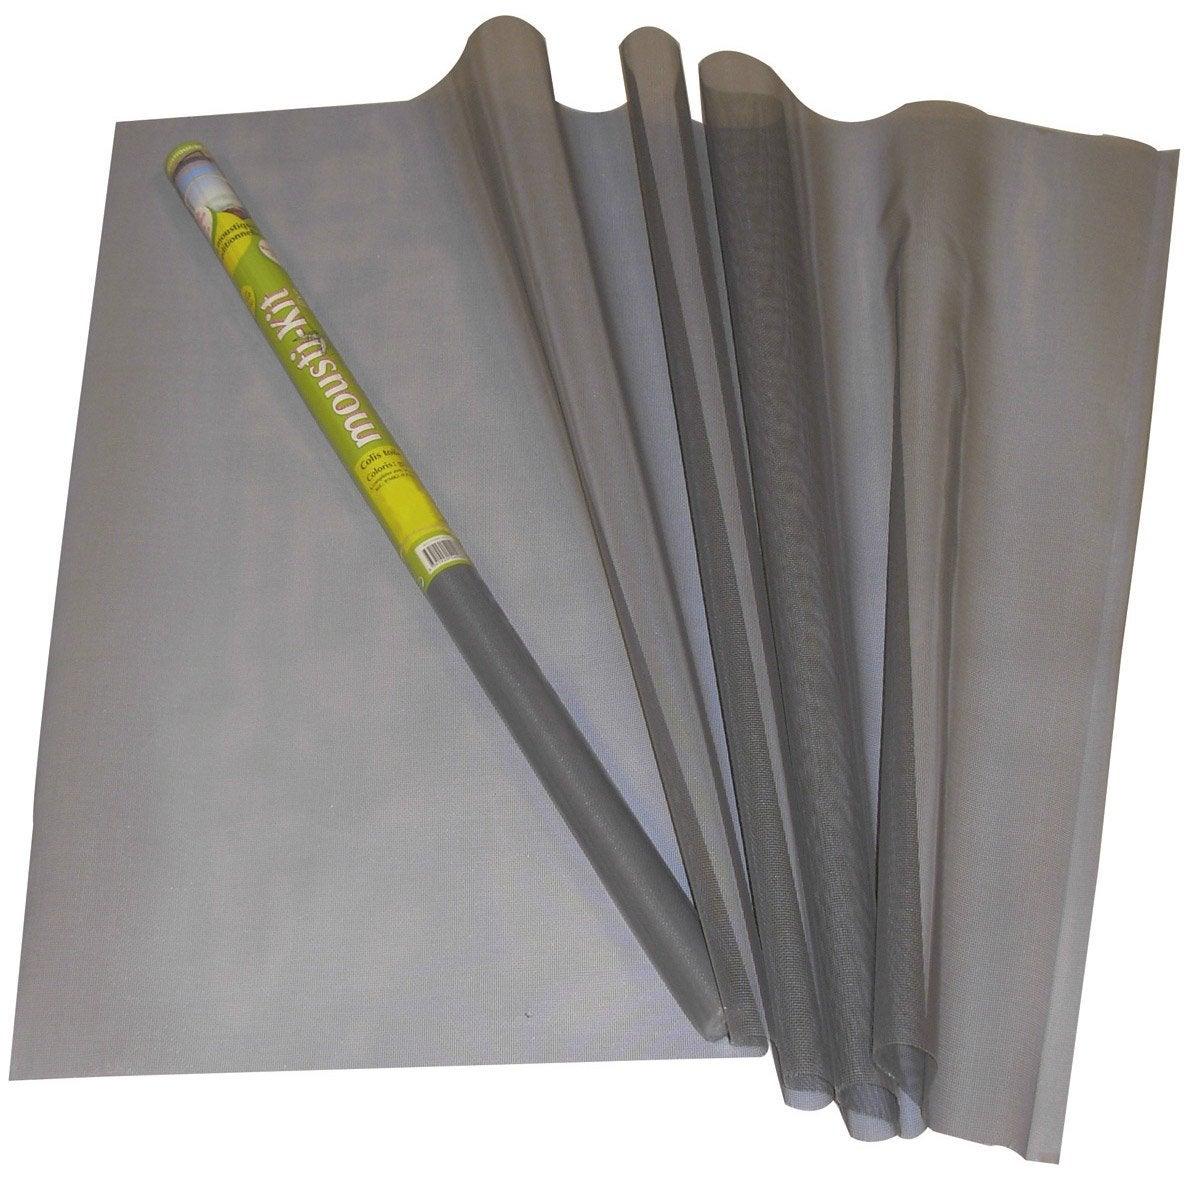 rouleau de toile de moustiquaire en fibre de verre grise 235x150 cm leroy merlin. Black Bedroom Furniture Sets. Home Design Ideas